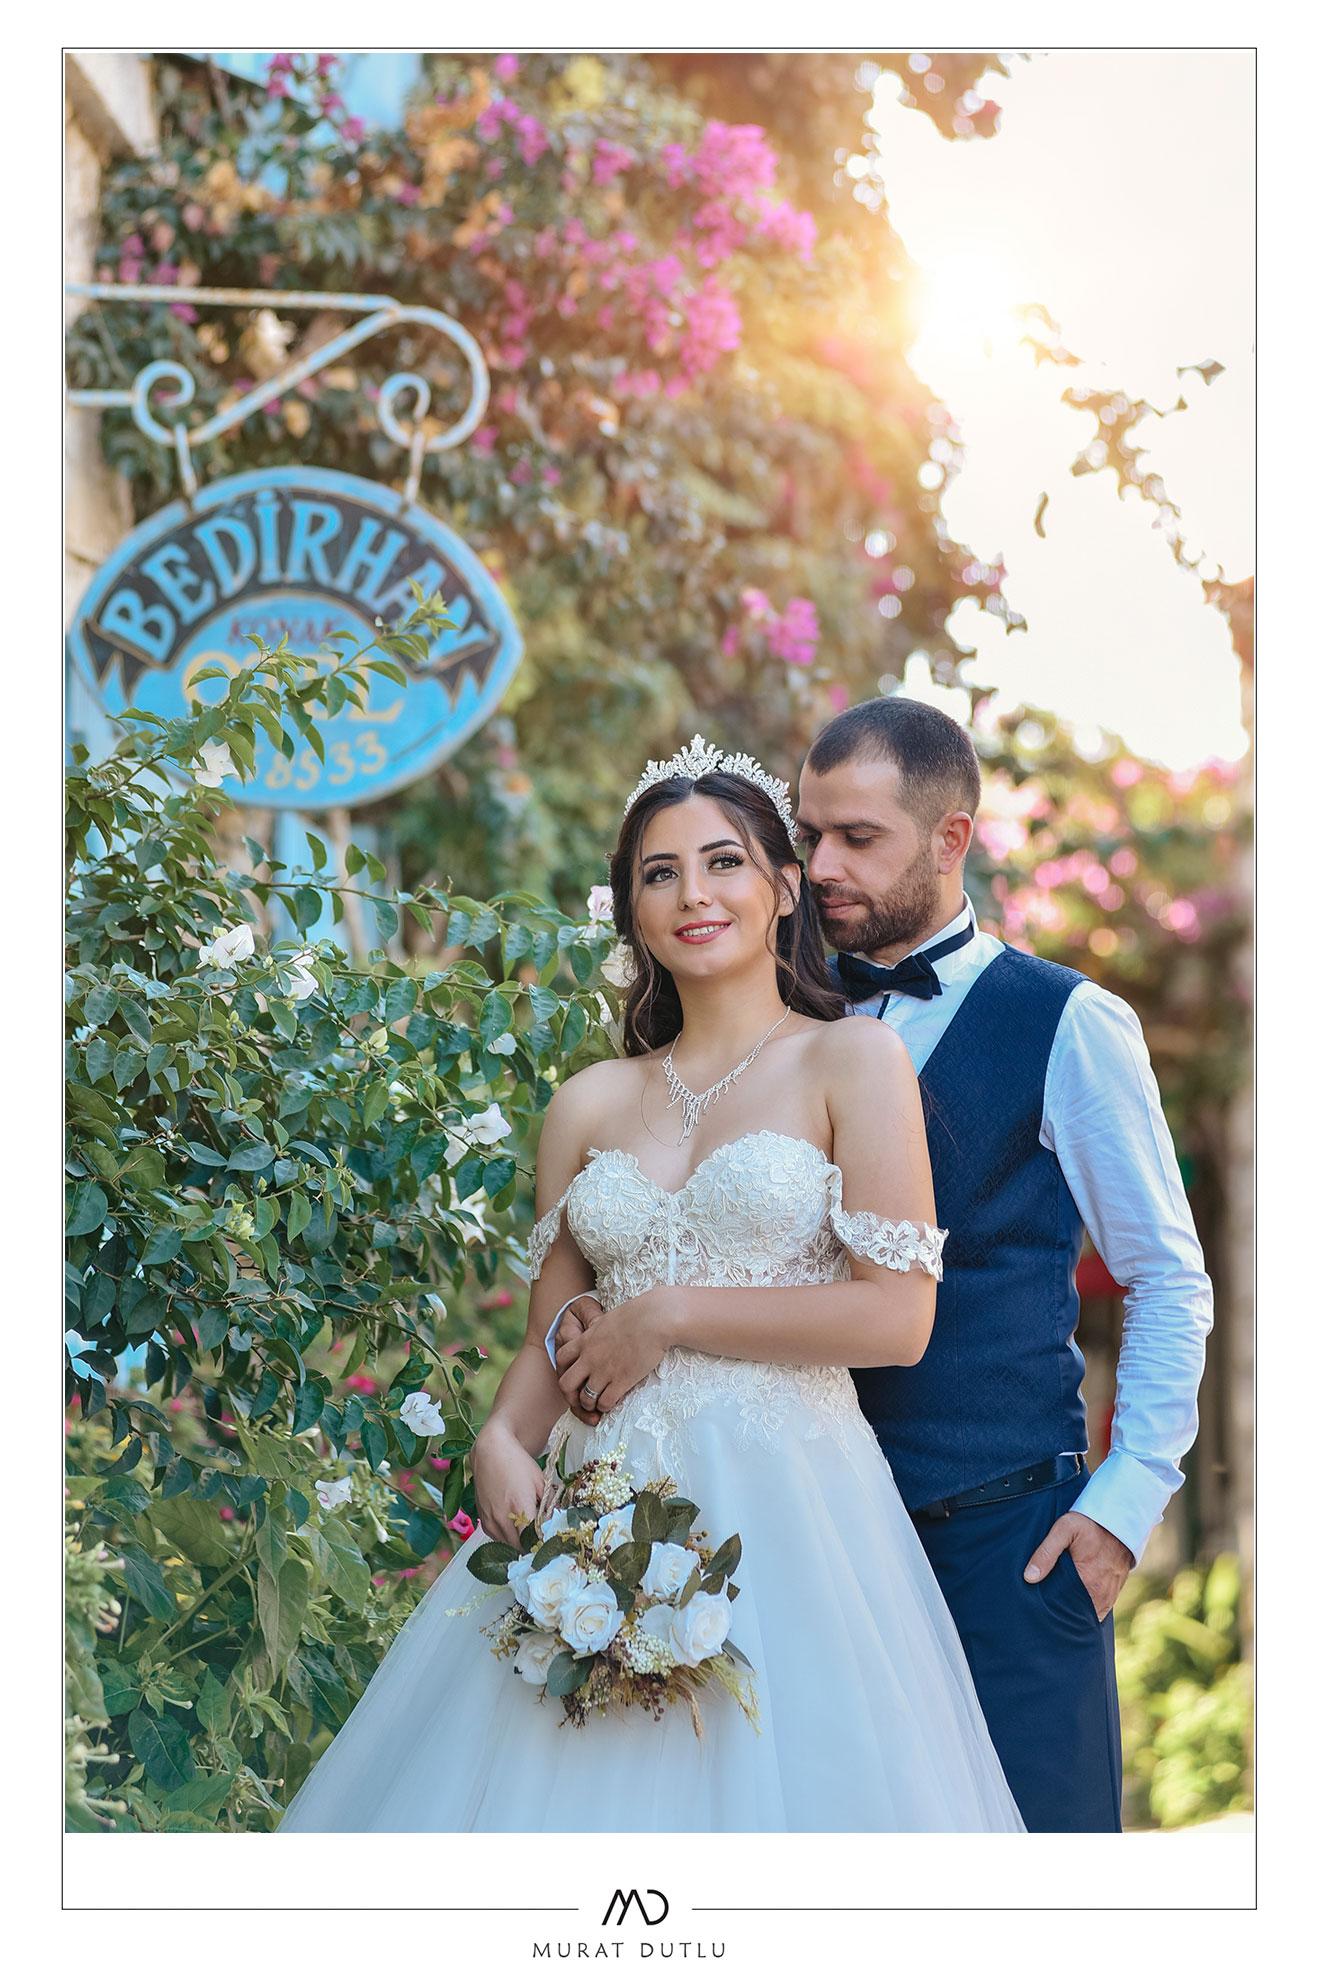 Alaçatı düğün fotoğrafçısı, izmir düğün fotoğrafçısı, izmir düğün fotoğrafları